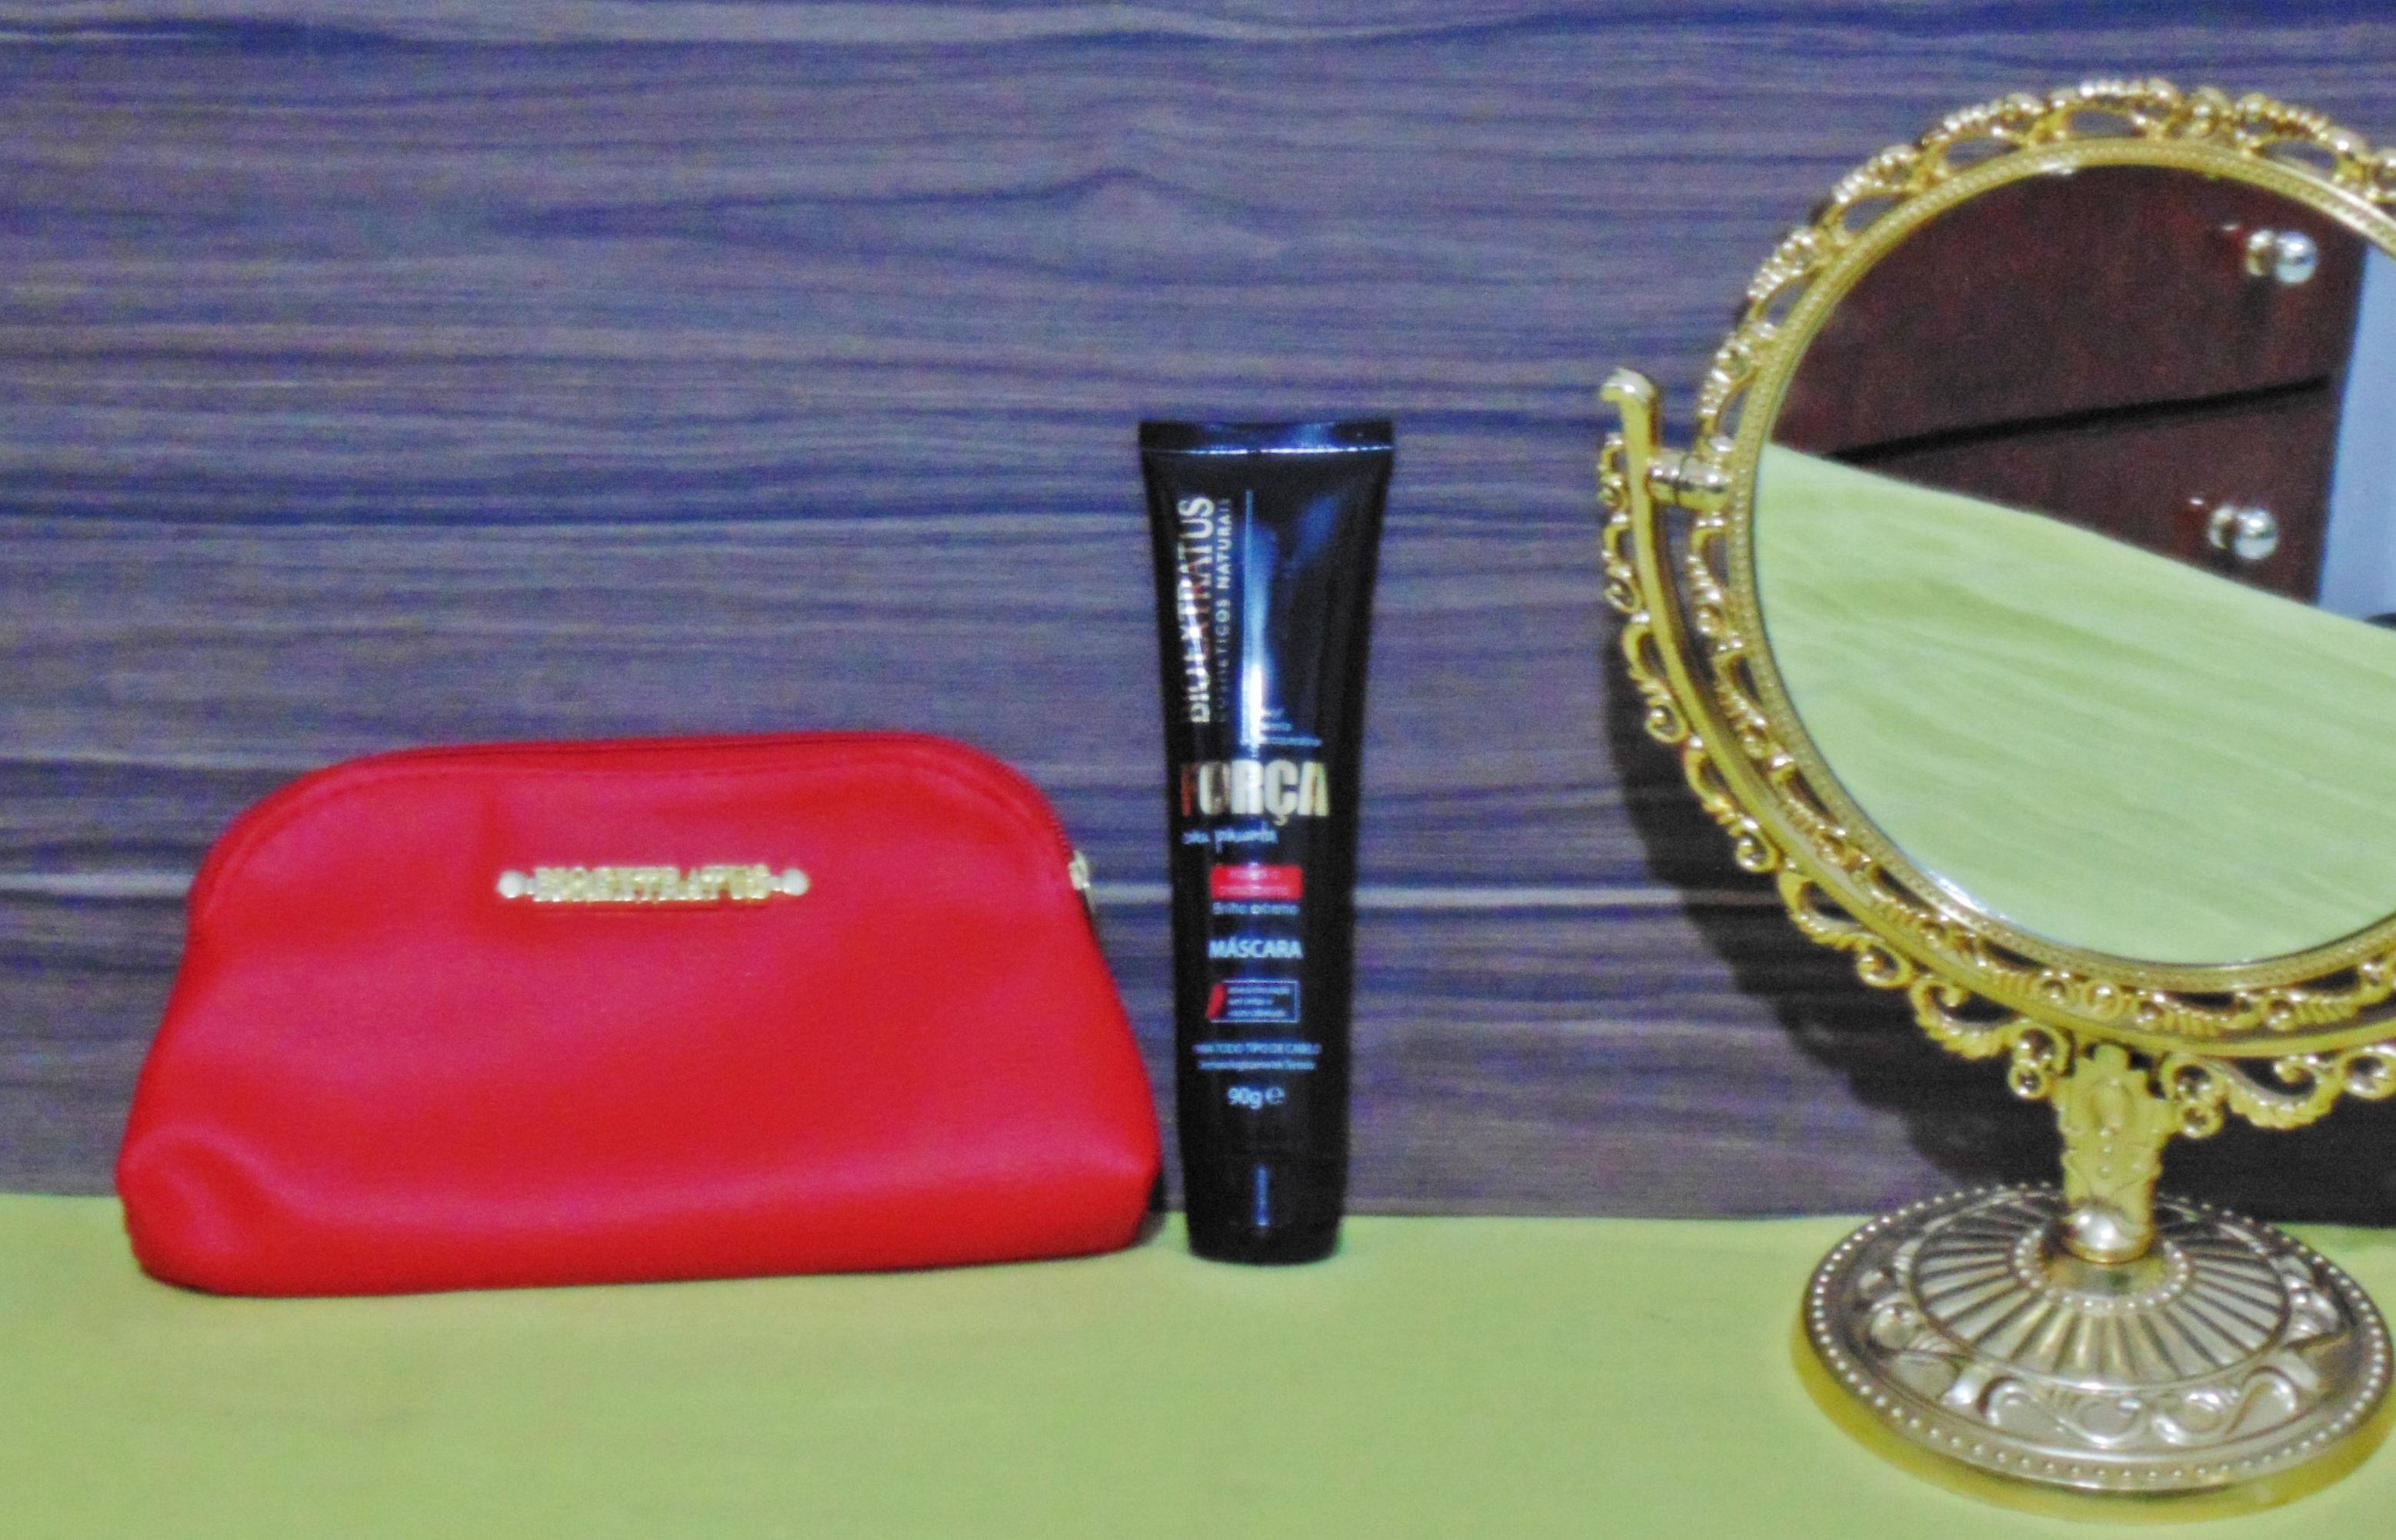 DSC04375 Eu uso eu indico: Mascara Linha Bio Extratus Força com Pimenta